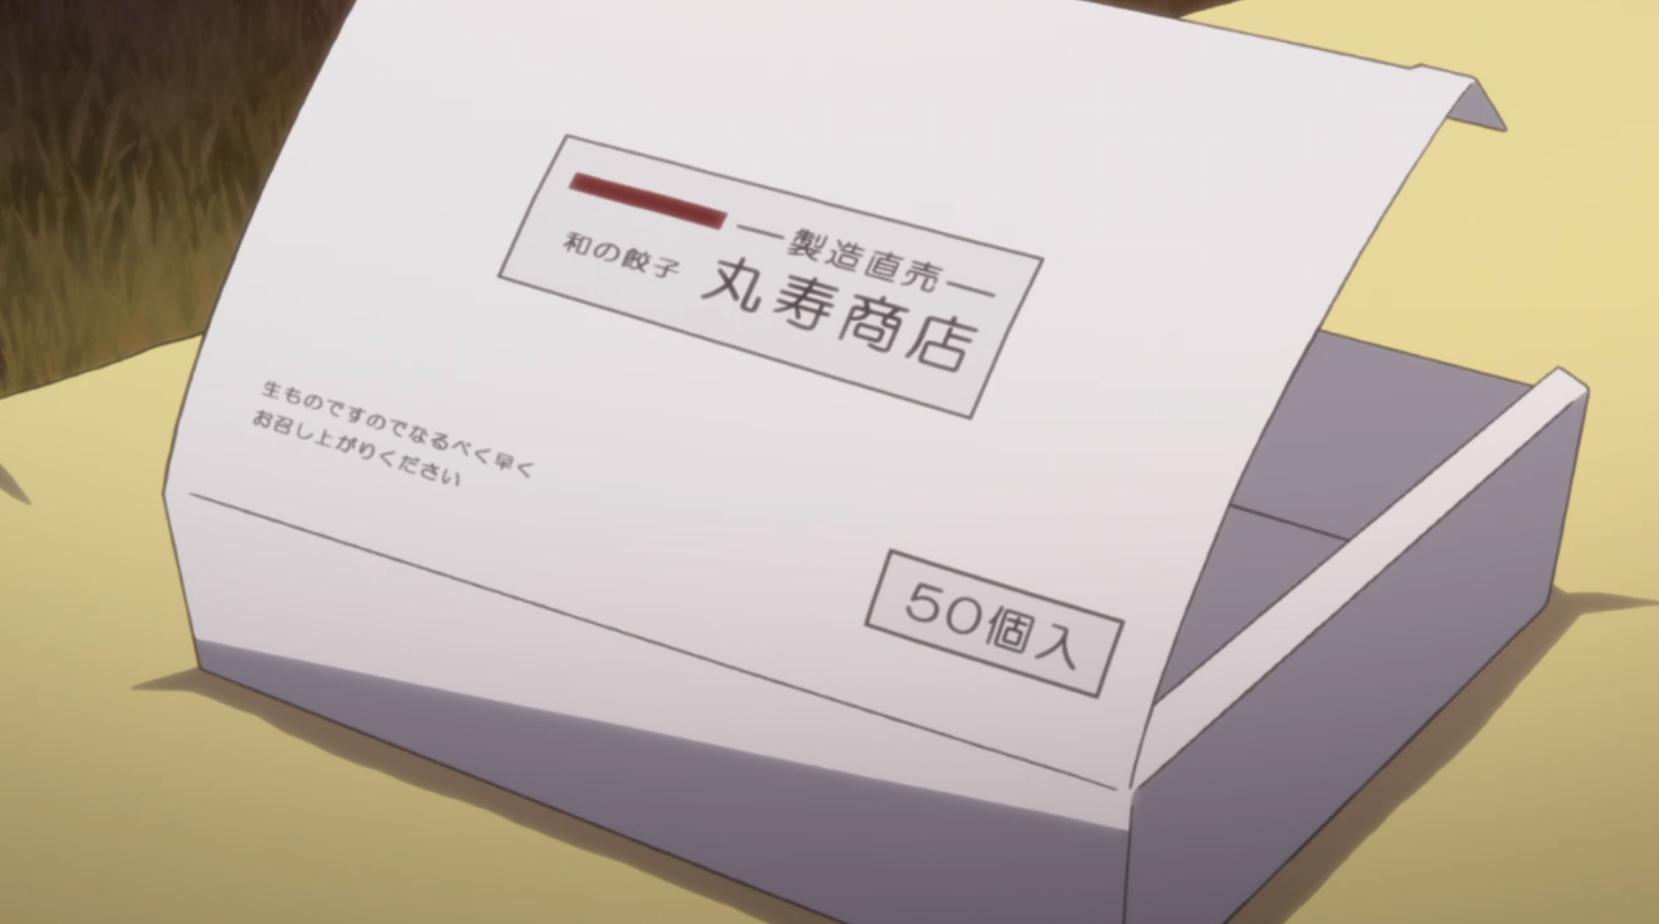 アニメ『ゆるキャン△』3話の坦々餃子鍋の餃子